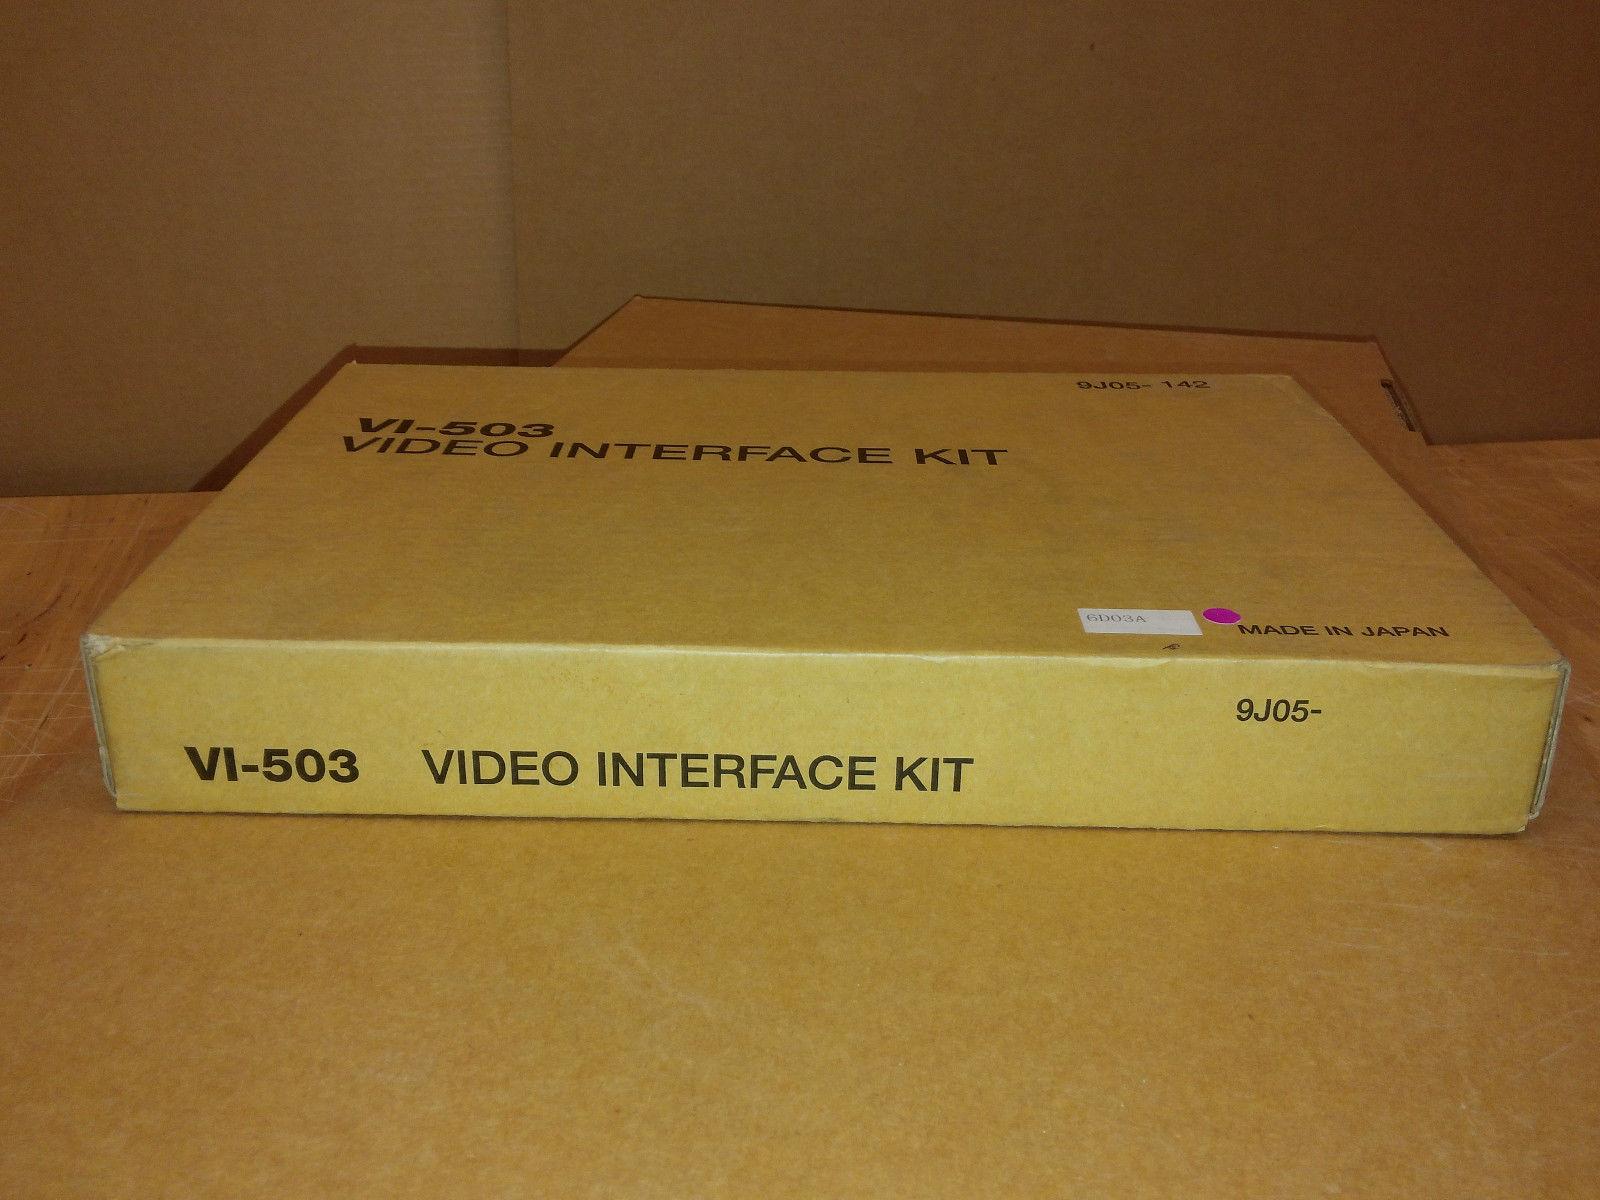 Konica Minolta Bizhub VI-503 Video Interface Kit (9J05-142) Fiery IC-406